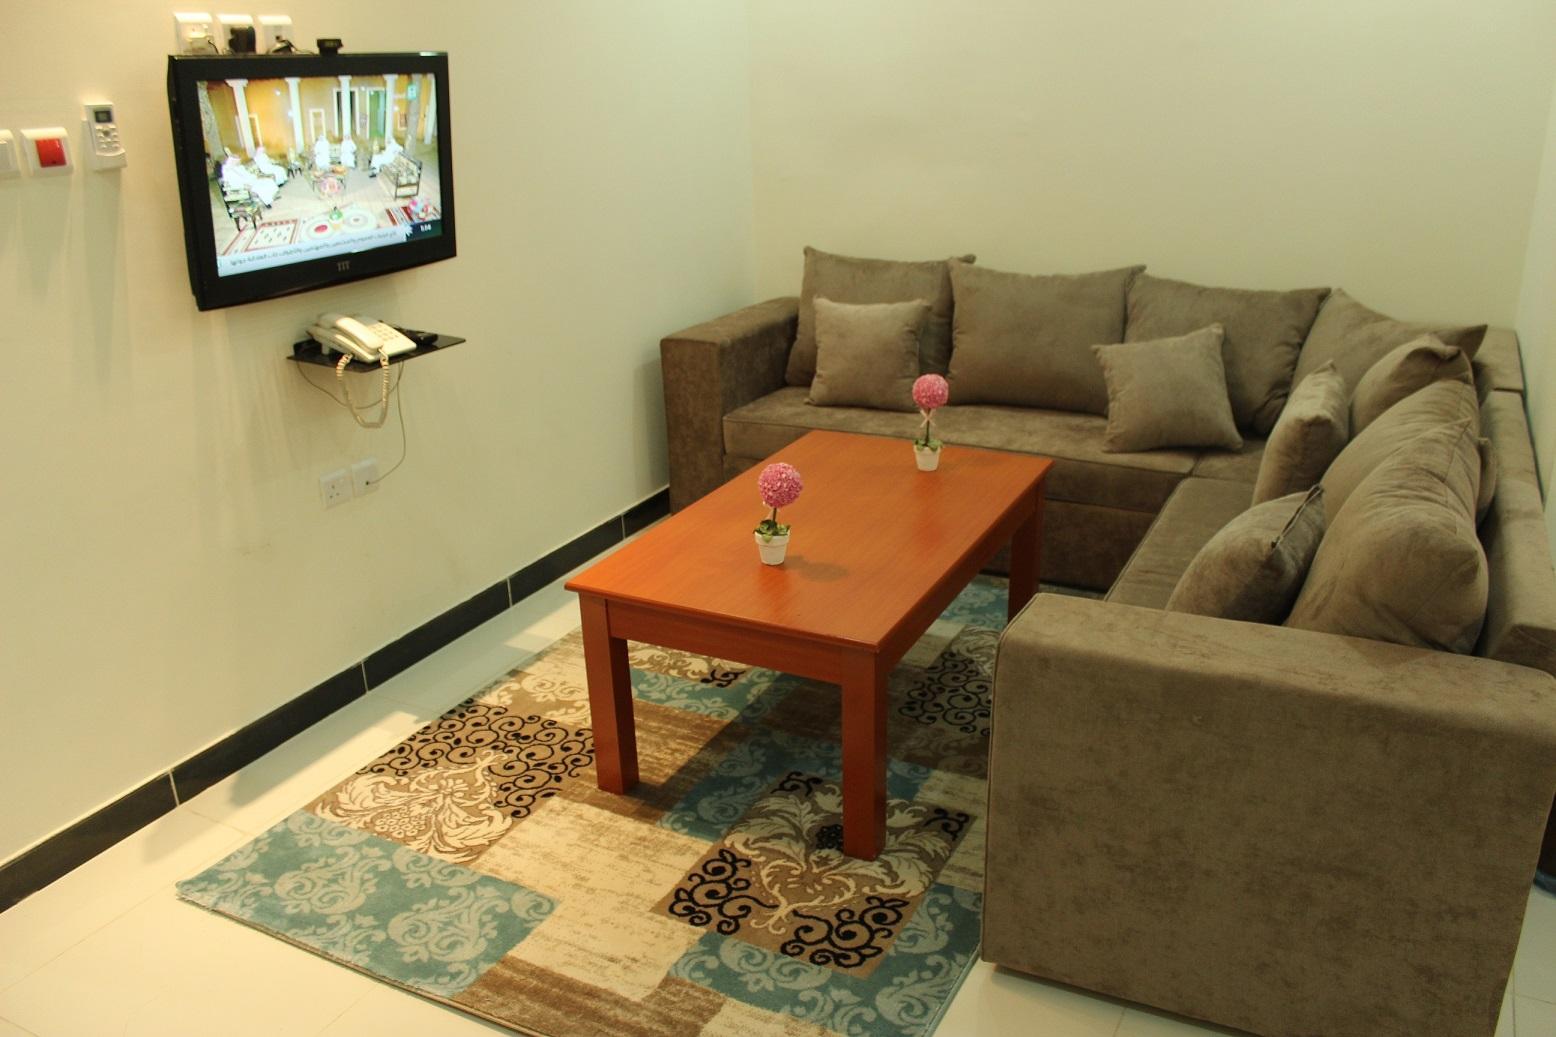 شقق أجمل مساء وحدات سكنية مفروشة الرياض 0114443919 800399712.jpg